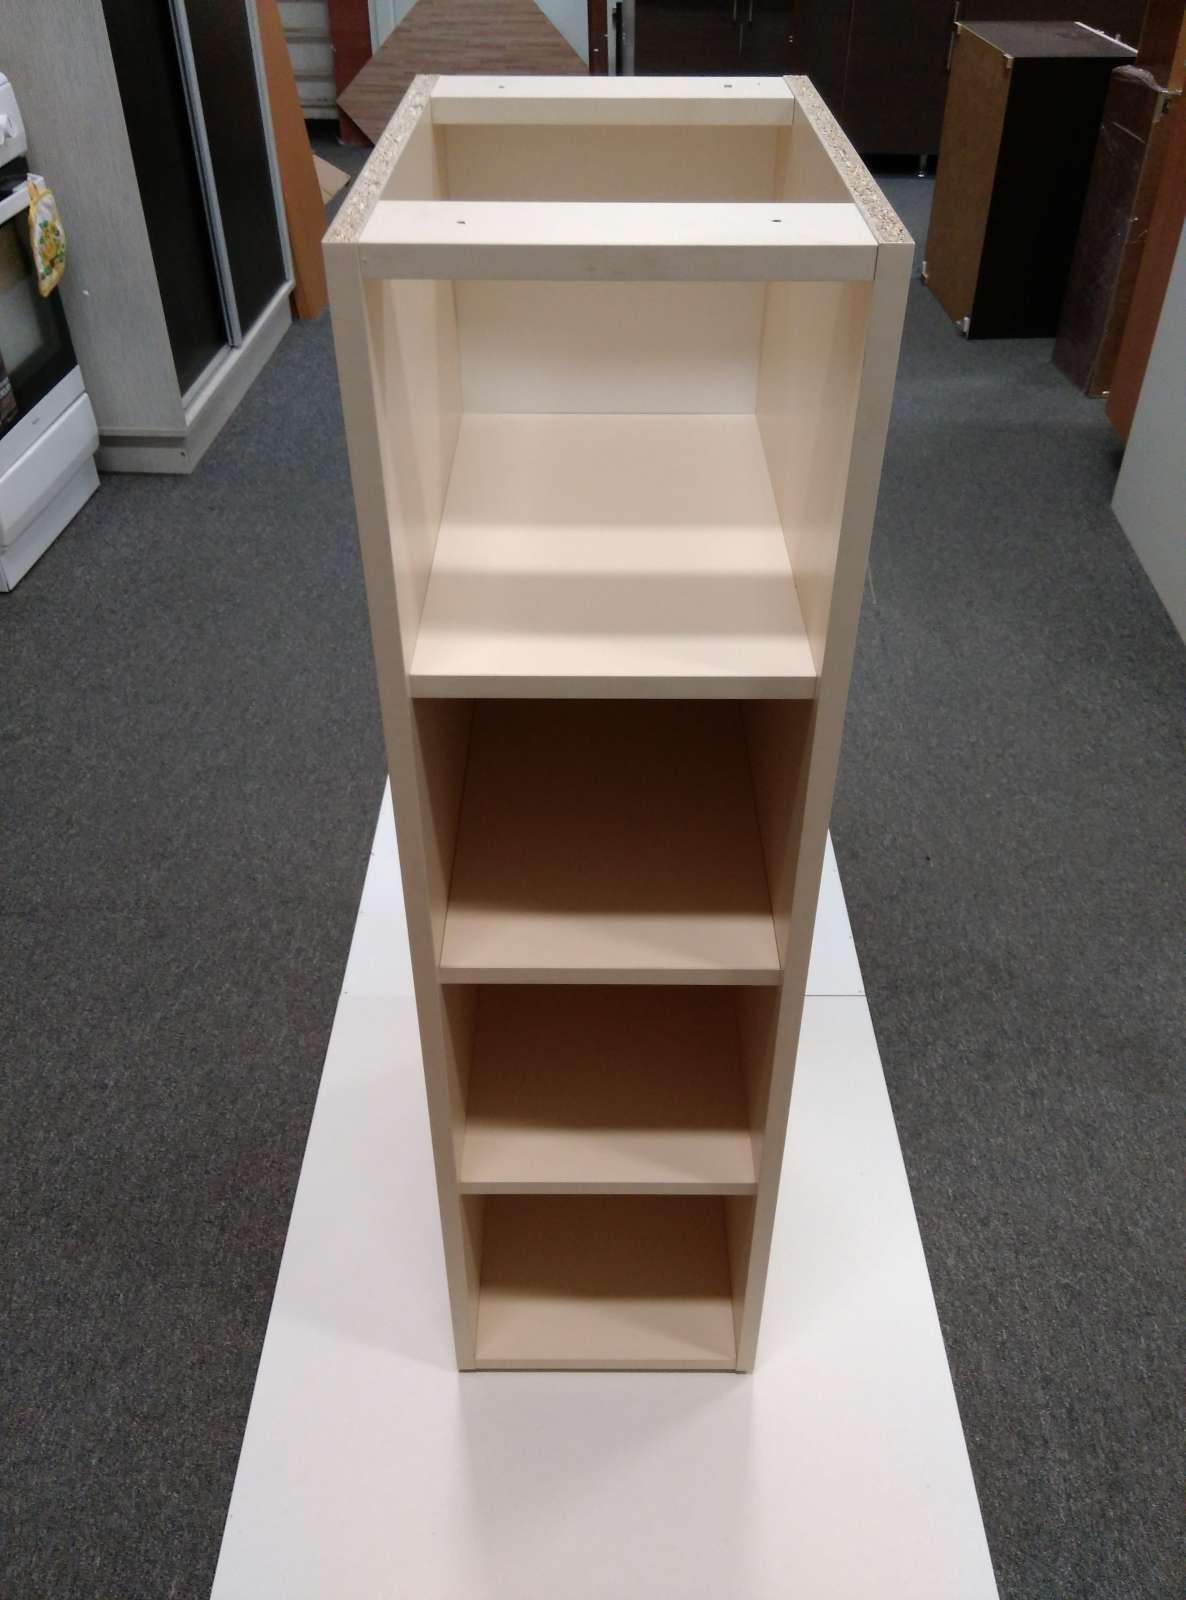 Spodní policová kuchyňská skříňka 30 cm - výprodej